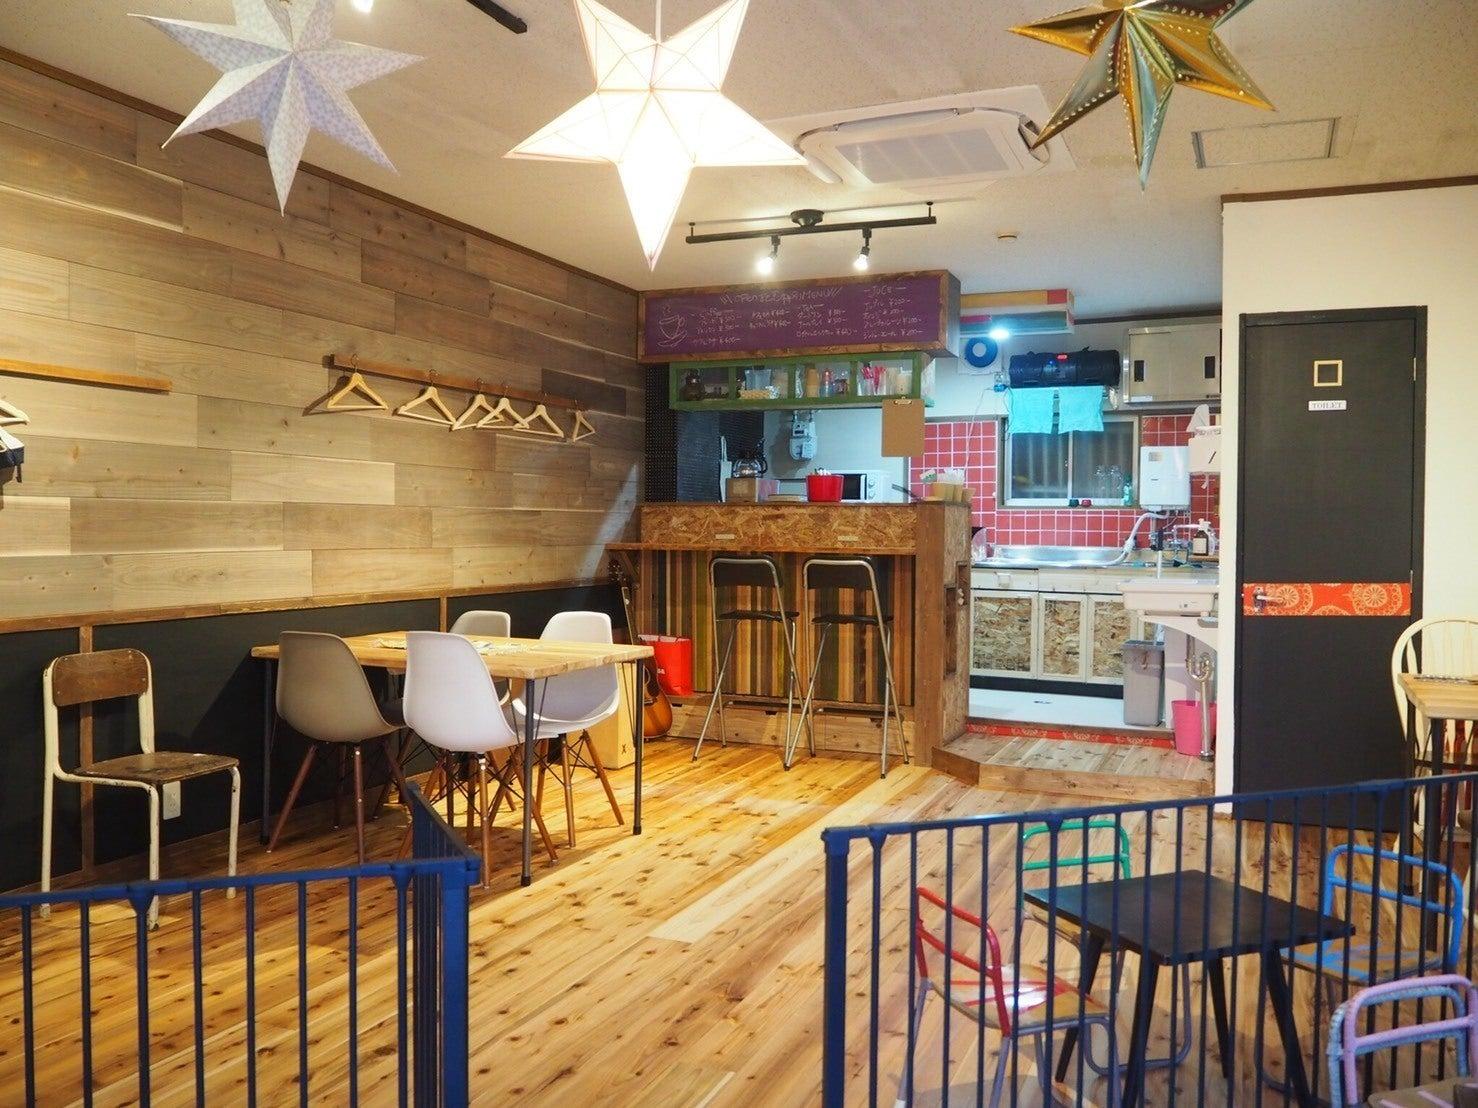 【大阪・玉造 上本町から徒歩10分】お洒落なカフェスペース。格安でママ会やイベント開催が可能!子連れにやさしい作りになってます!(baila) の写真0